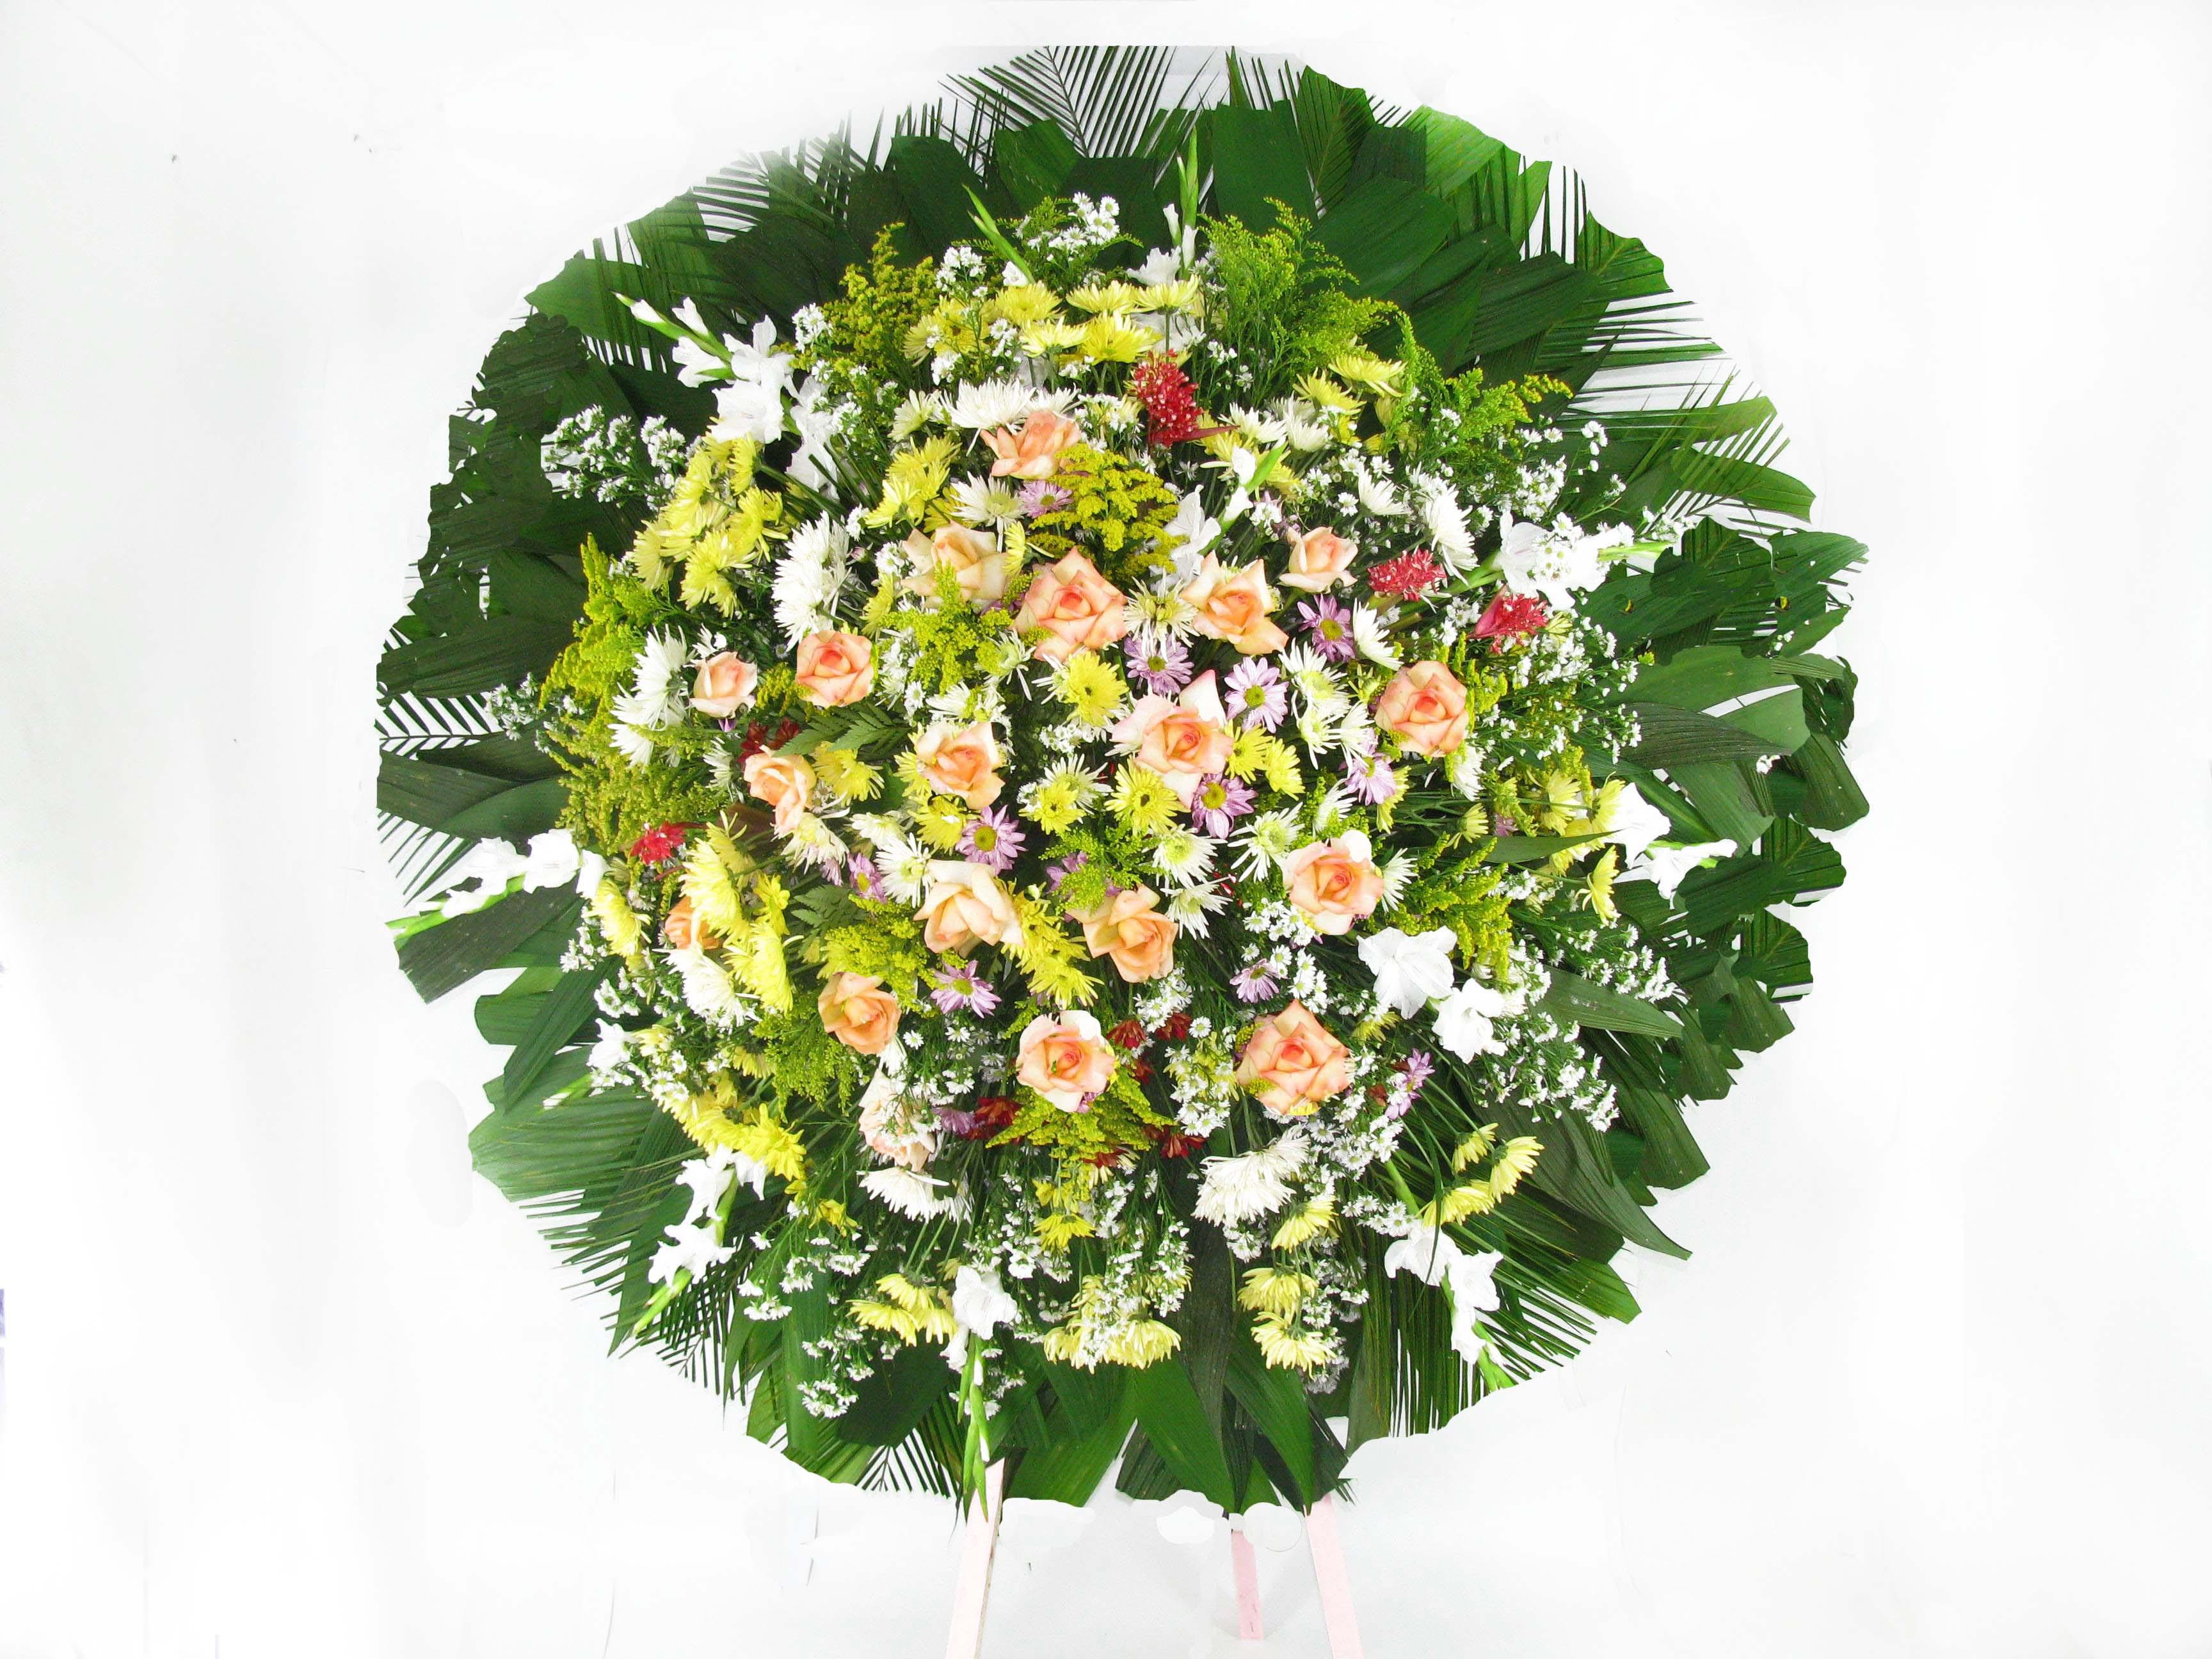 como fazer montar coroas de flores BH